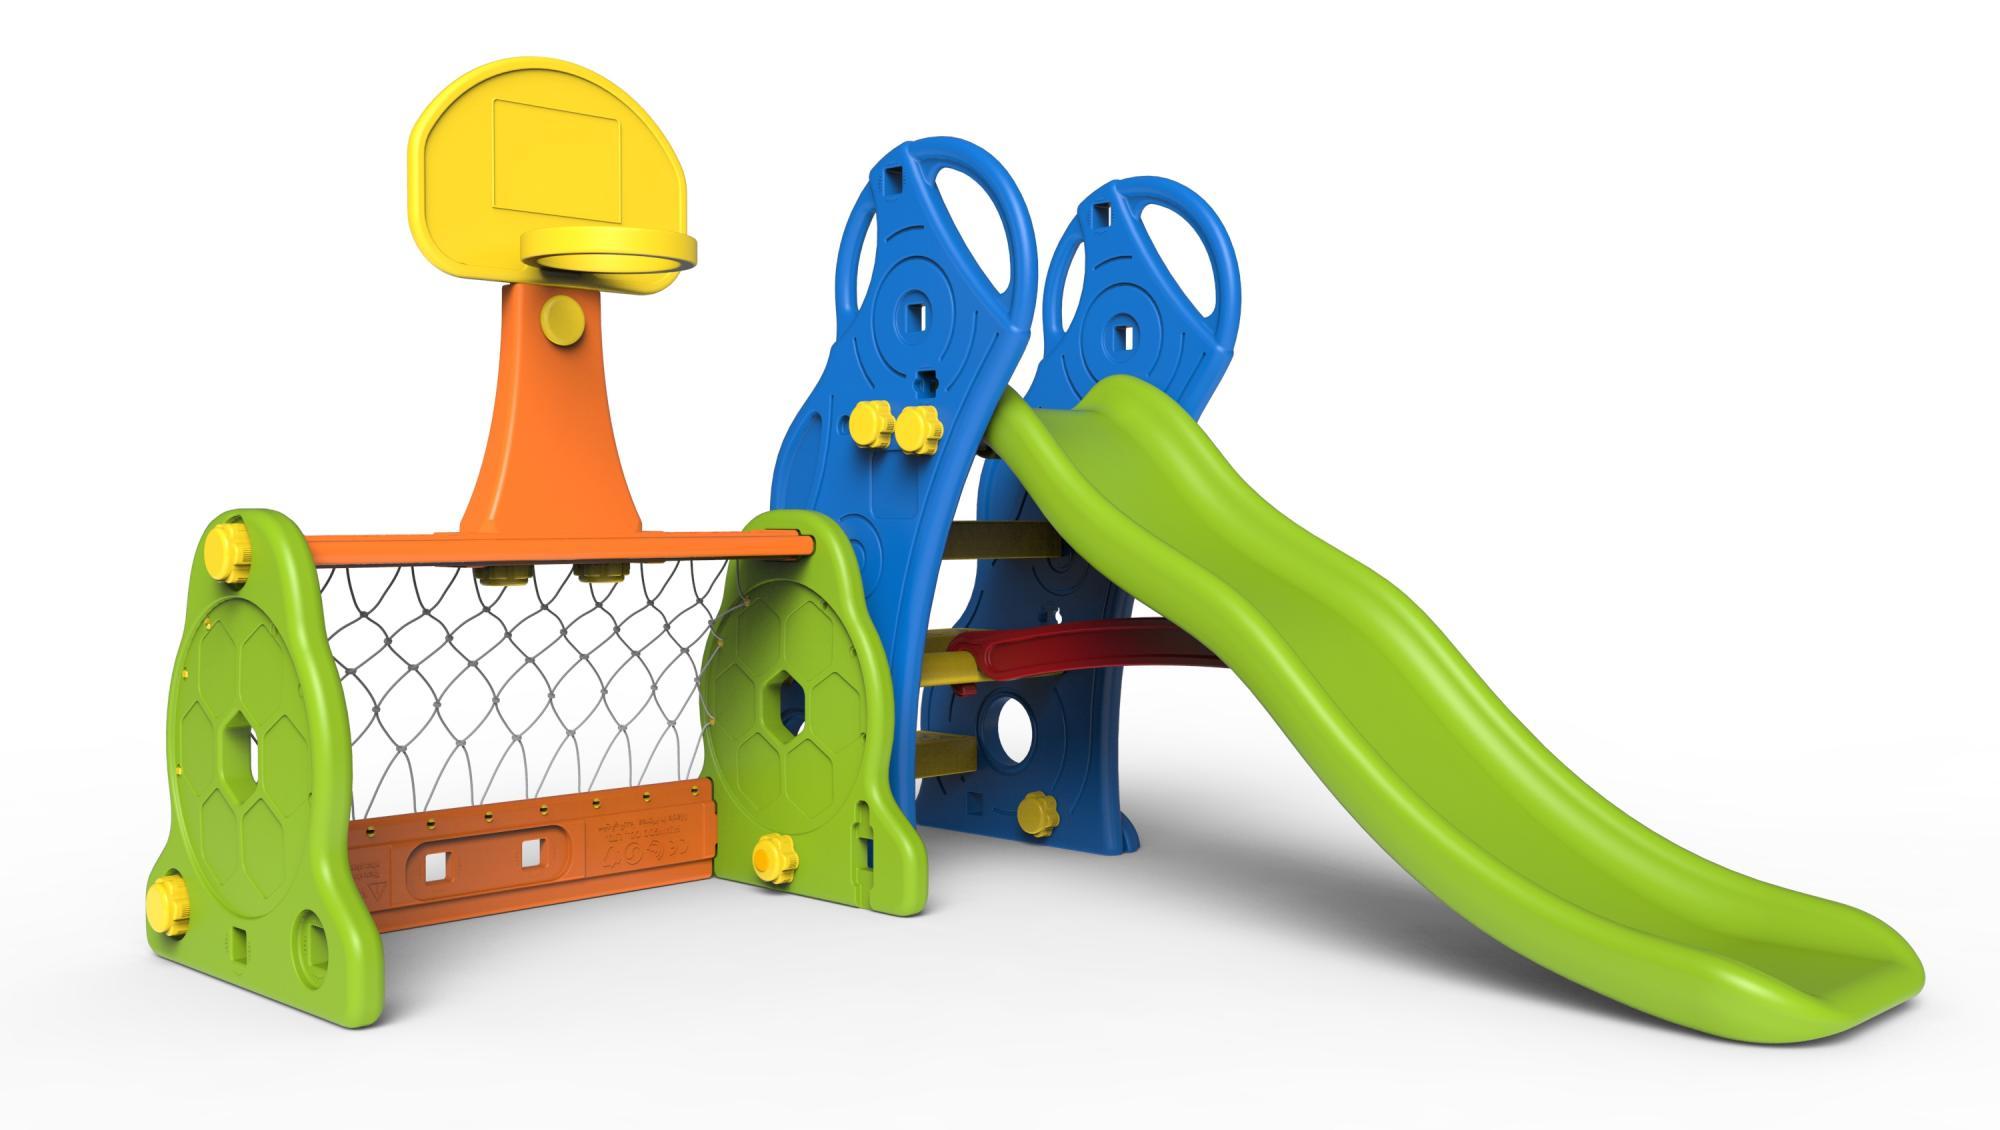 Игровой комплекс - Маленький спортсмен, с горкой, кольцом и воротами